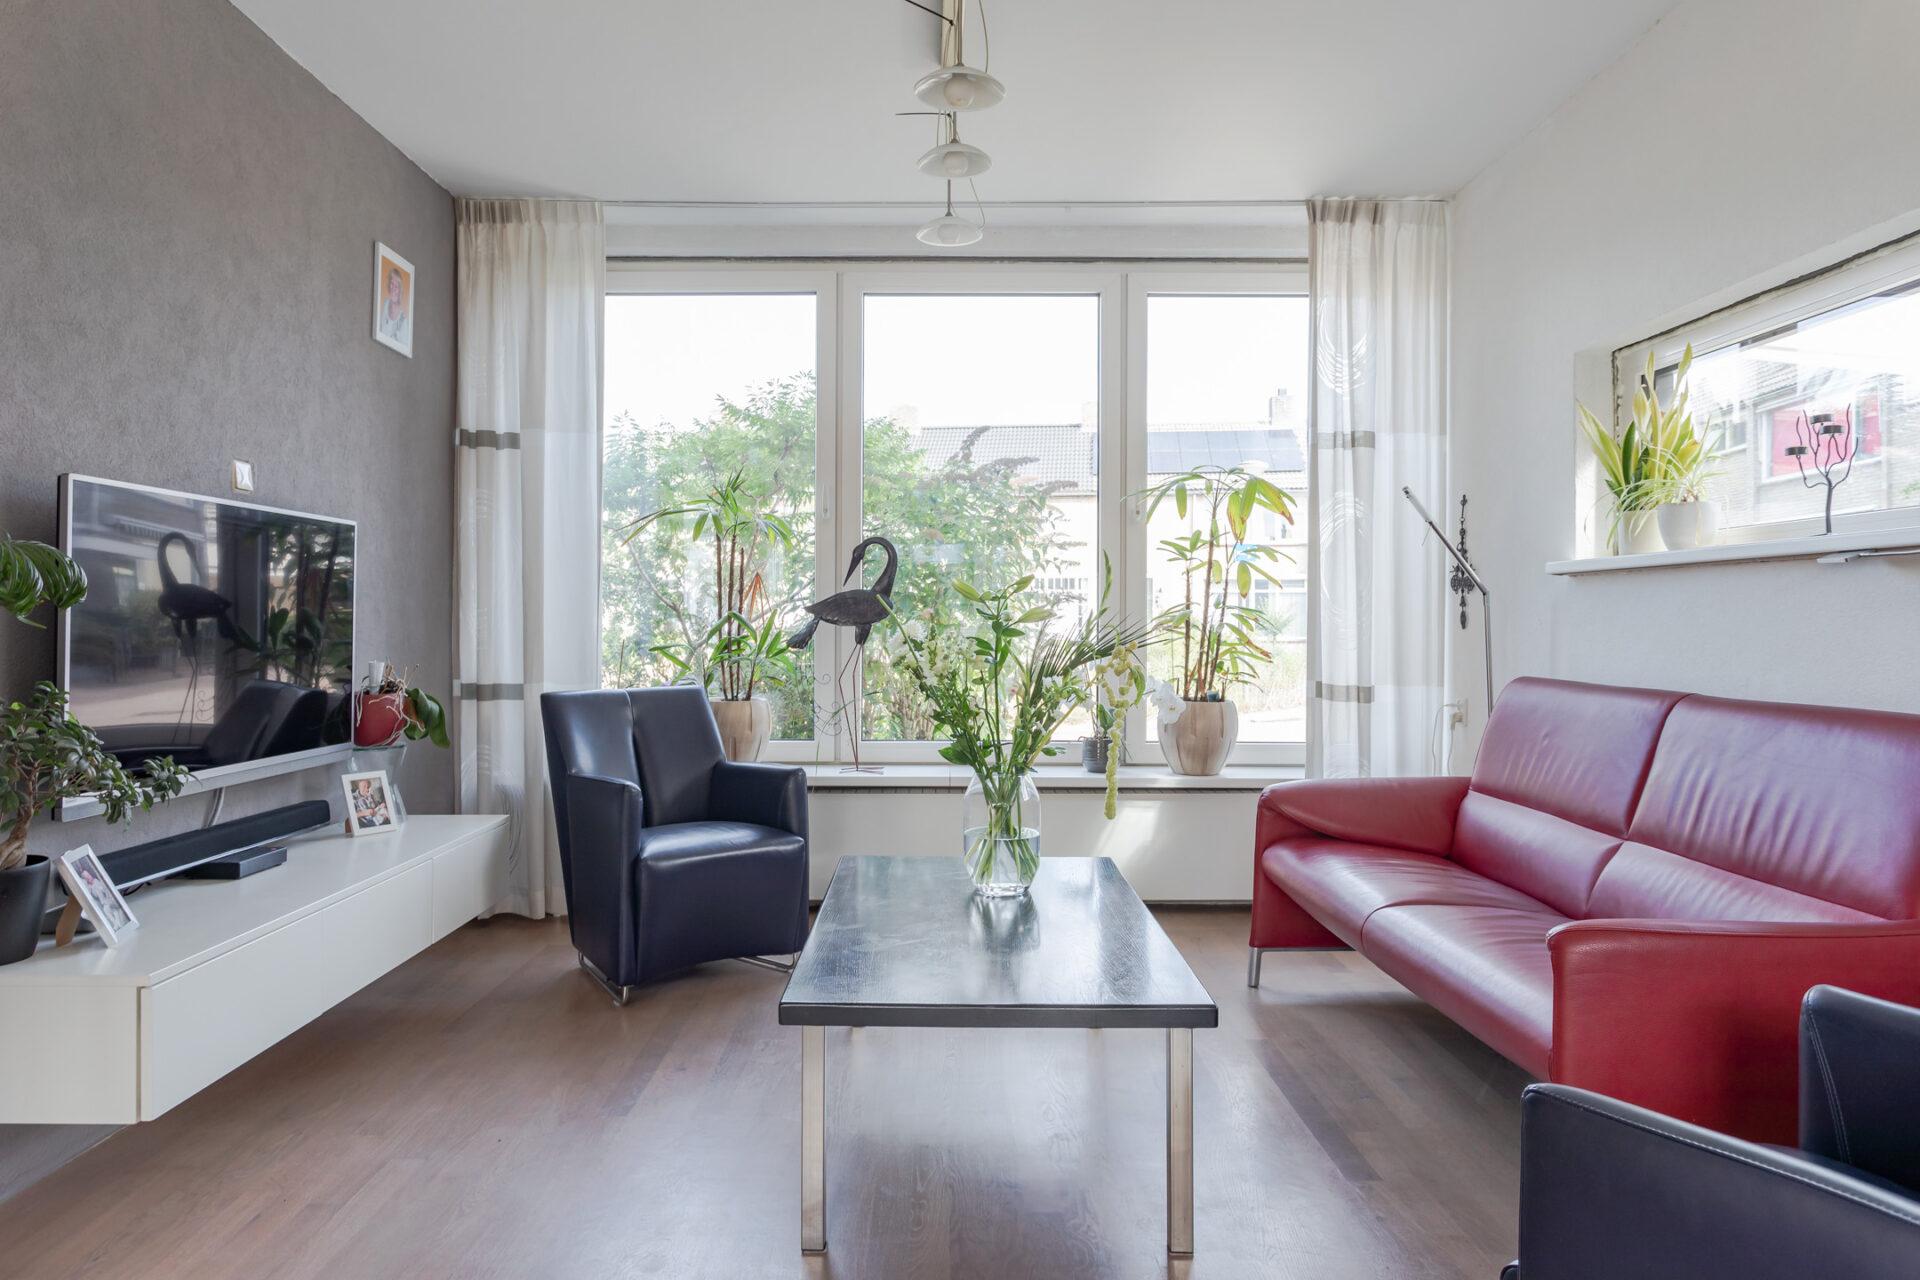 Select Windows kozijnen - Woningrenovatie met kunststof kozijnen in Elst - woonkamer